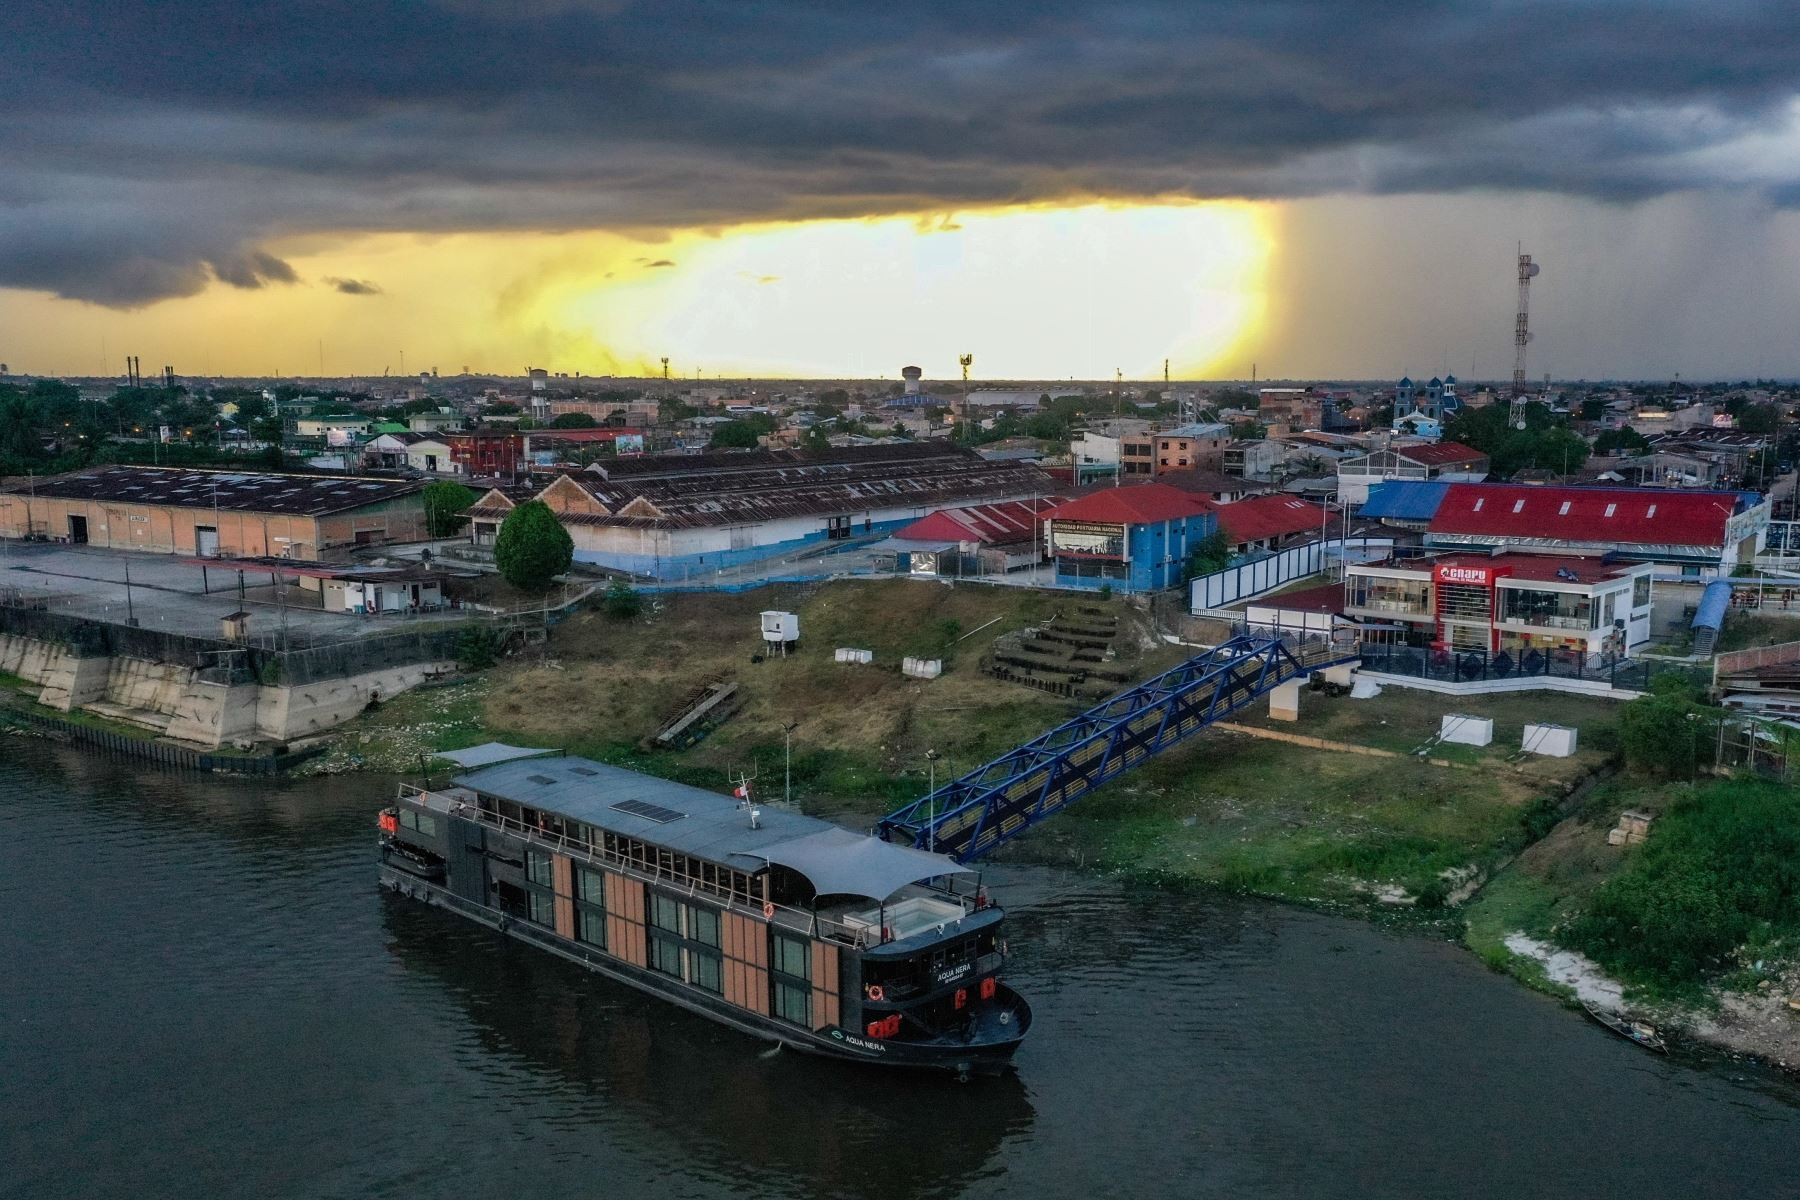 El nuevo terminal fluvial de pasajeros inició operaciones en Iquitos. El ministro de Transportes y Comunicaciones, Juan Silva, estuvo presente en este acontecimiento y dijo que esta moderna infraestructura beneficiará a alrededor de 346,000 ciudadanos de la Amazonía. Foto: ANDINA/ MTC